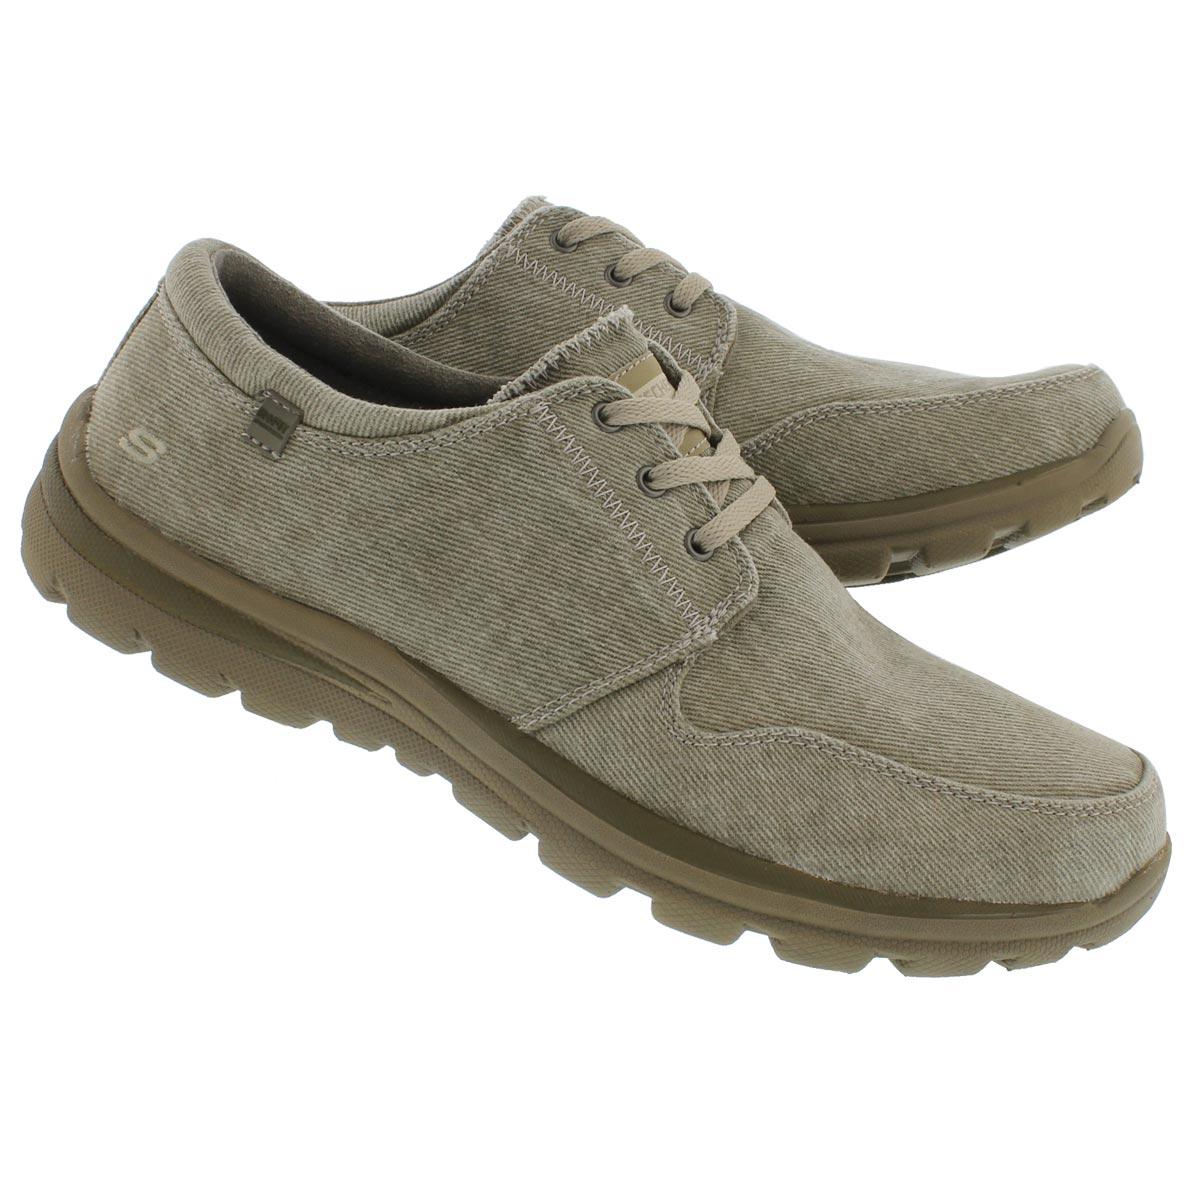 Mns Superior Elvin tpe cnvas laceup shoe